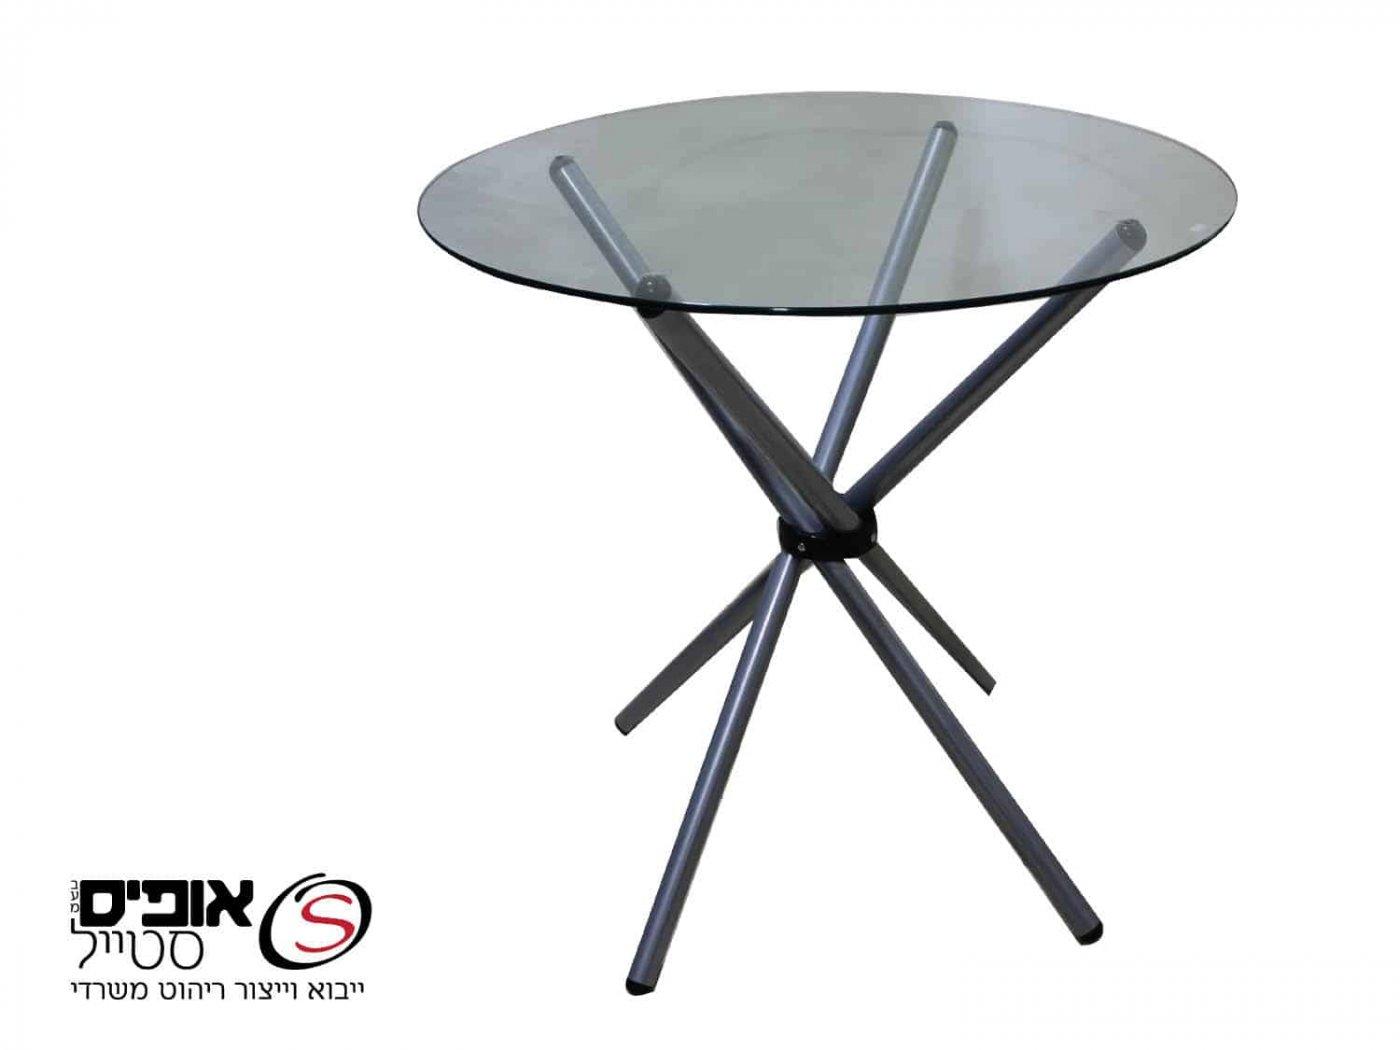 שולחן המתנה דגם אמילי